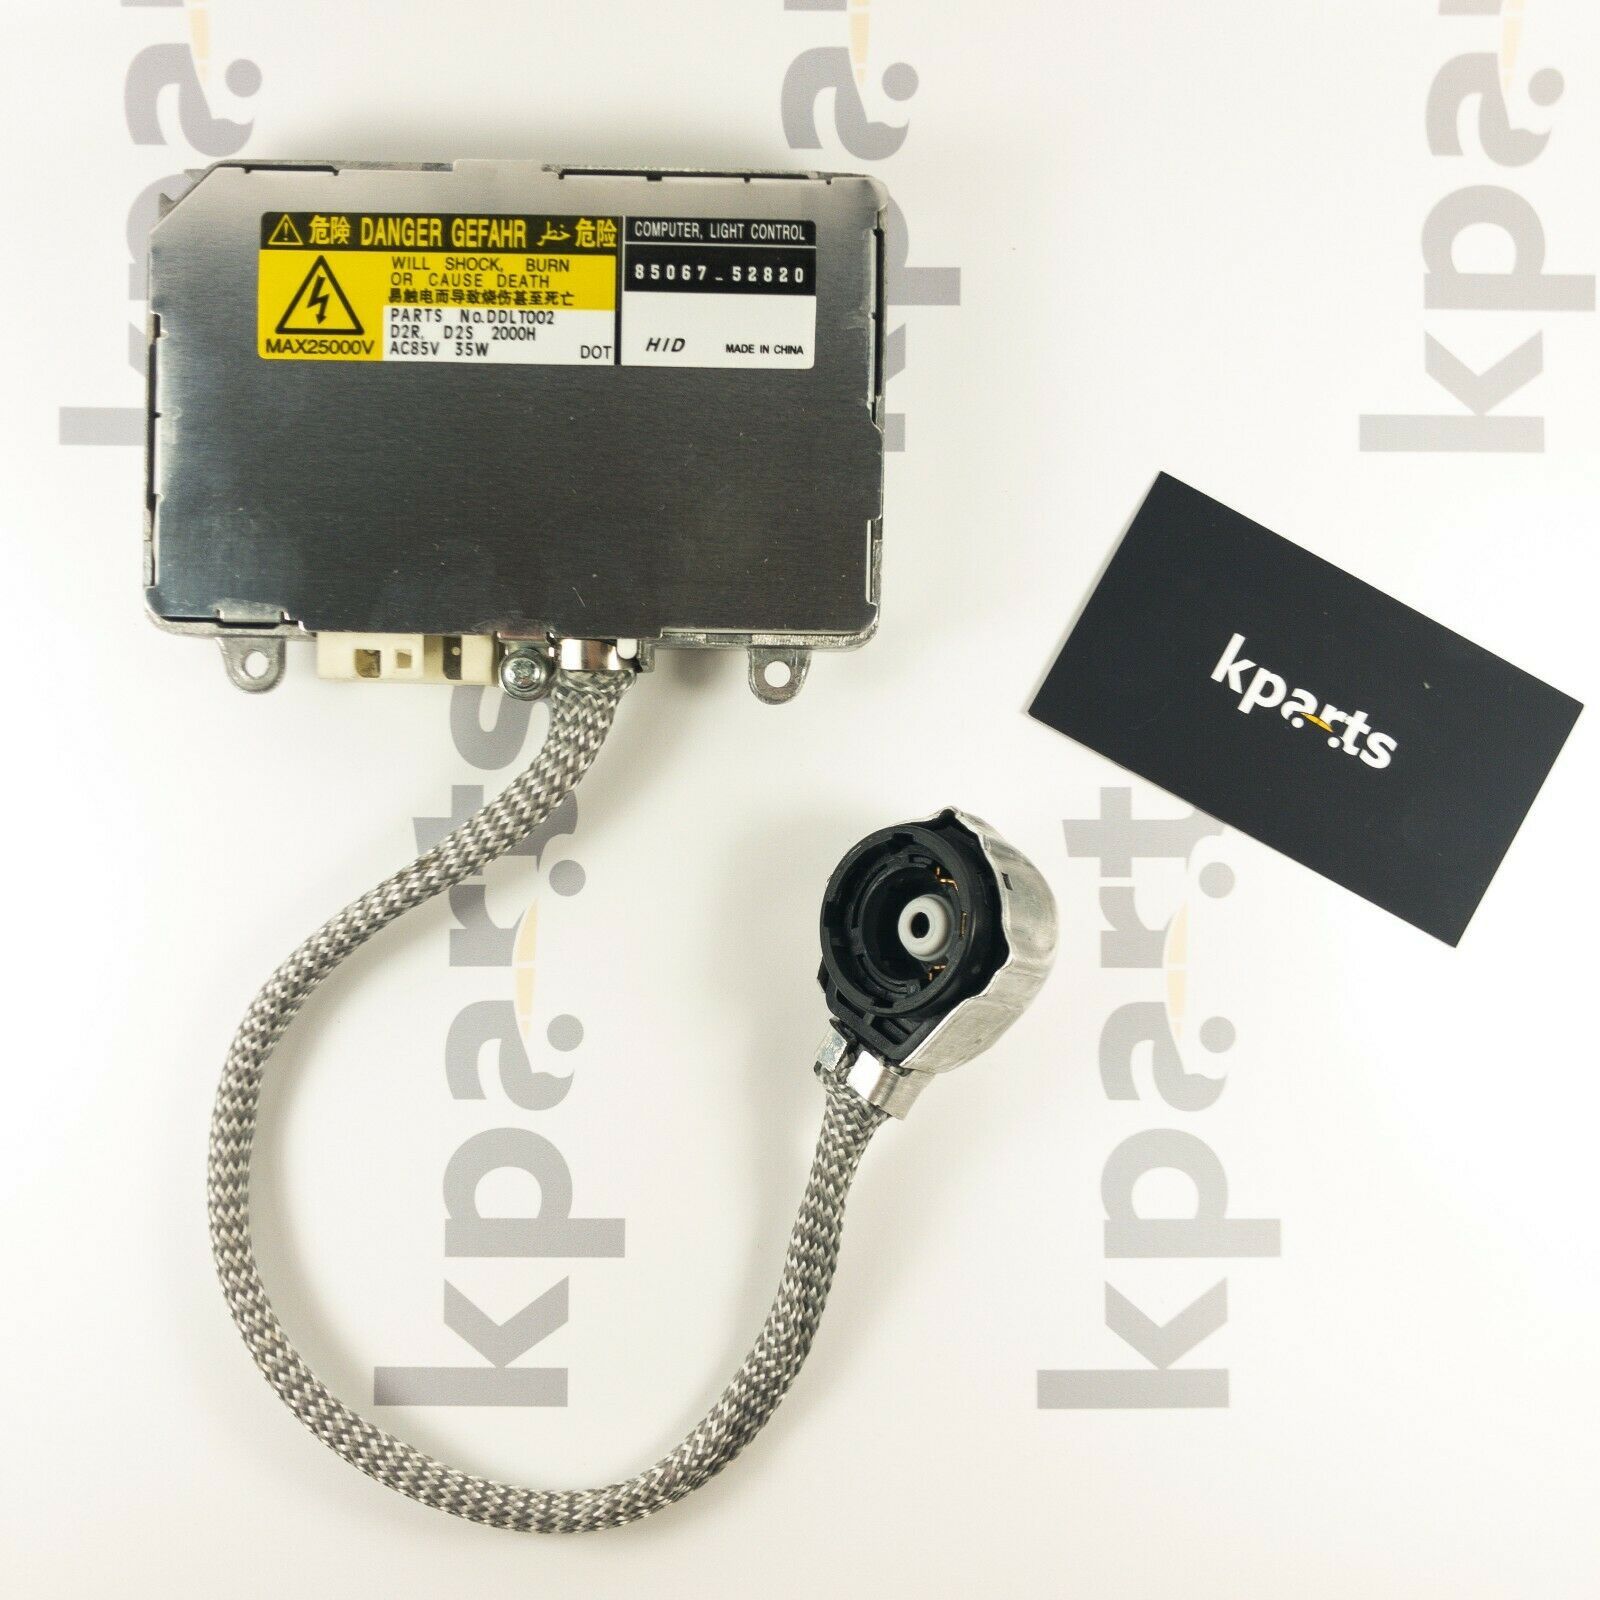 Porsche Lexus Mazda toyota balastro Xenon unidad de control 85967-50020 ddlt 002